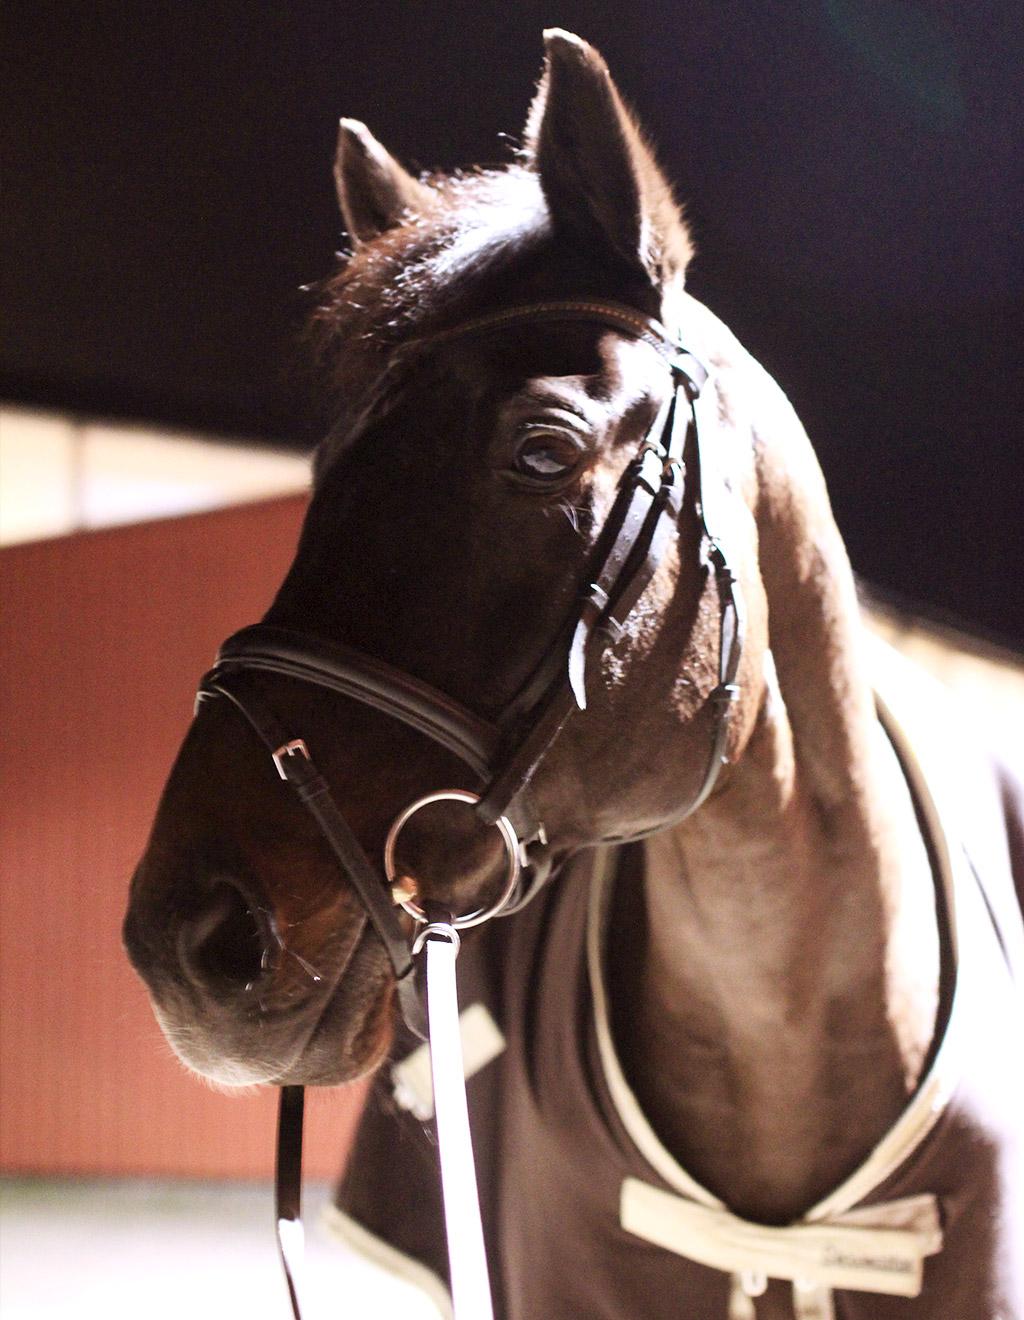 sky-full-of-horse-12